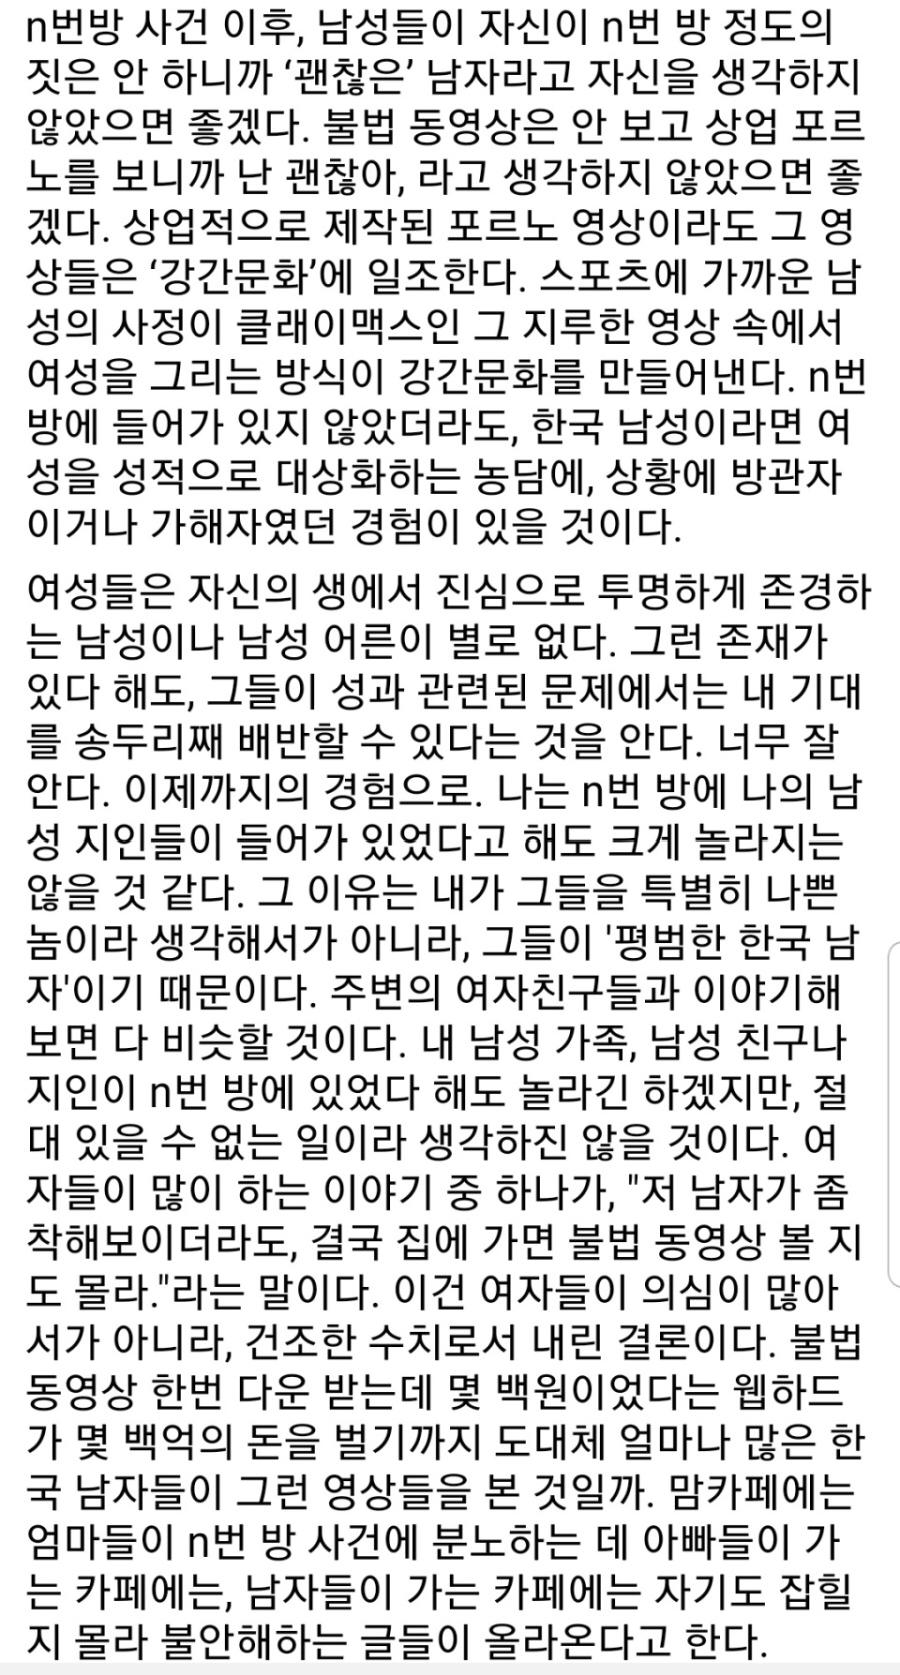 벌새 김보라의 페이스북 글 (2).png